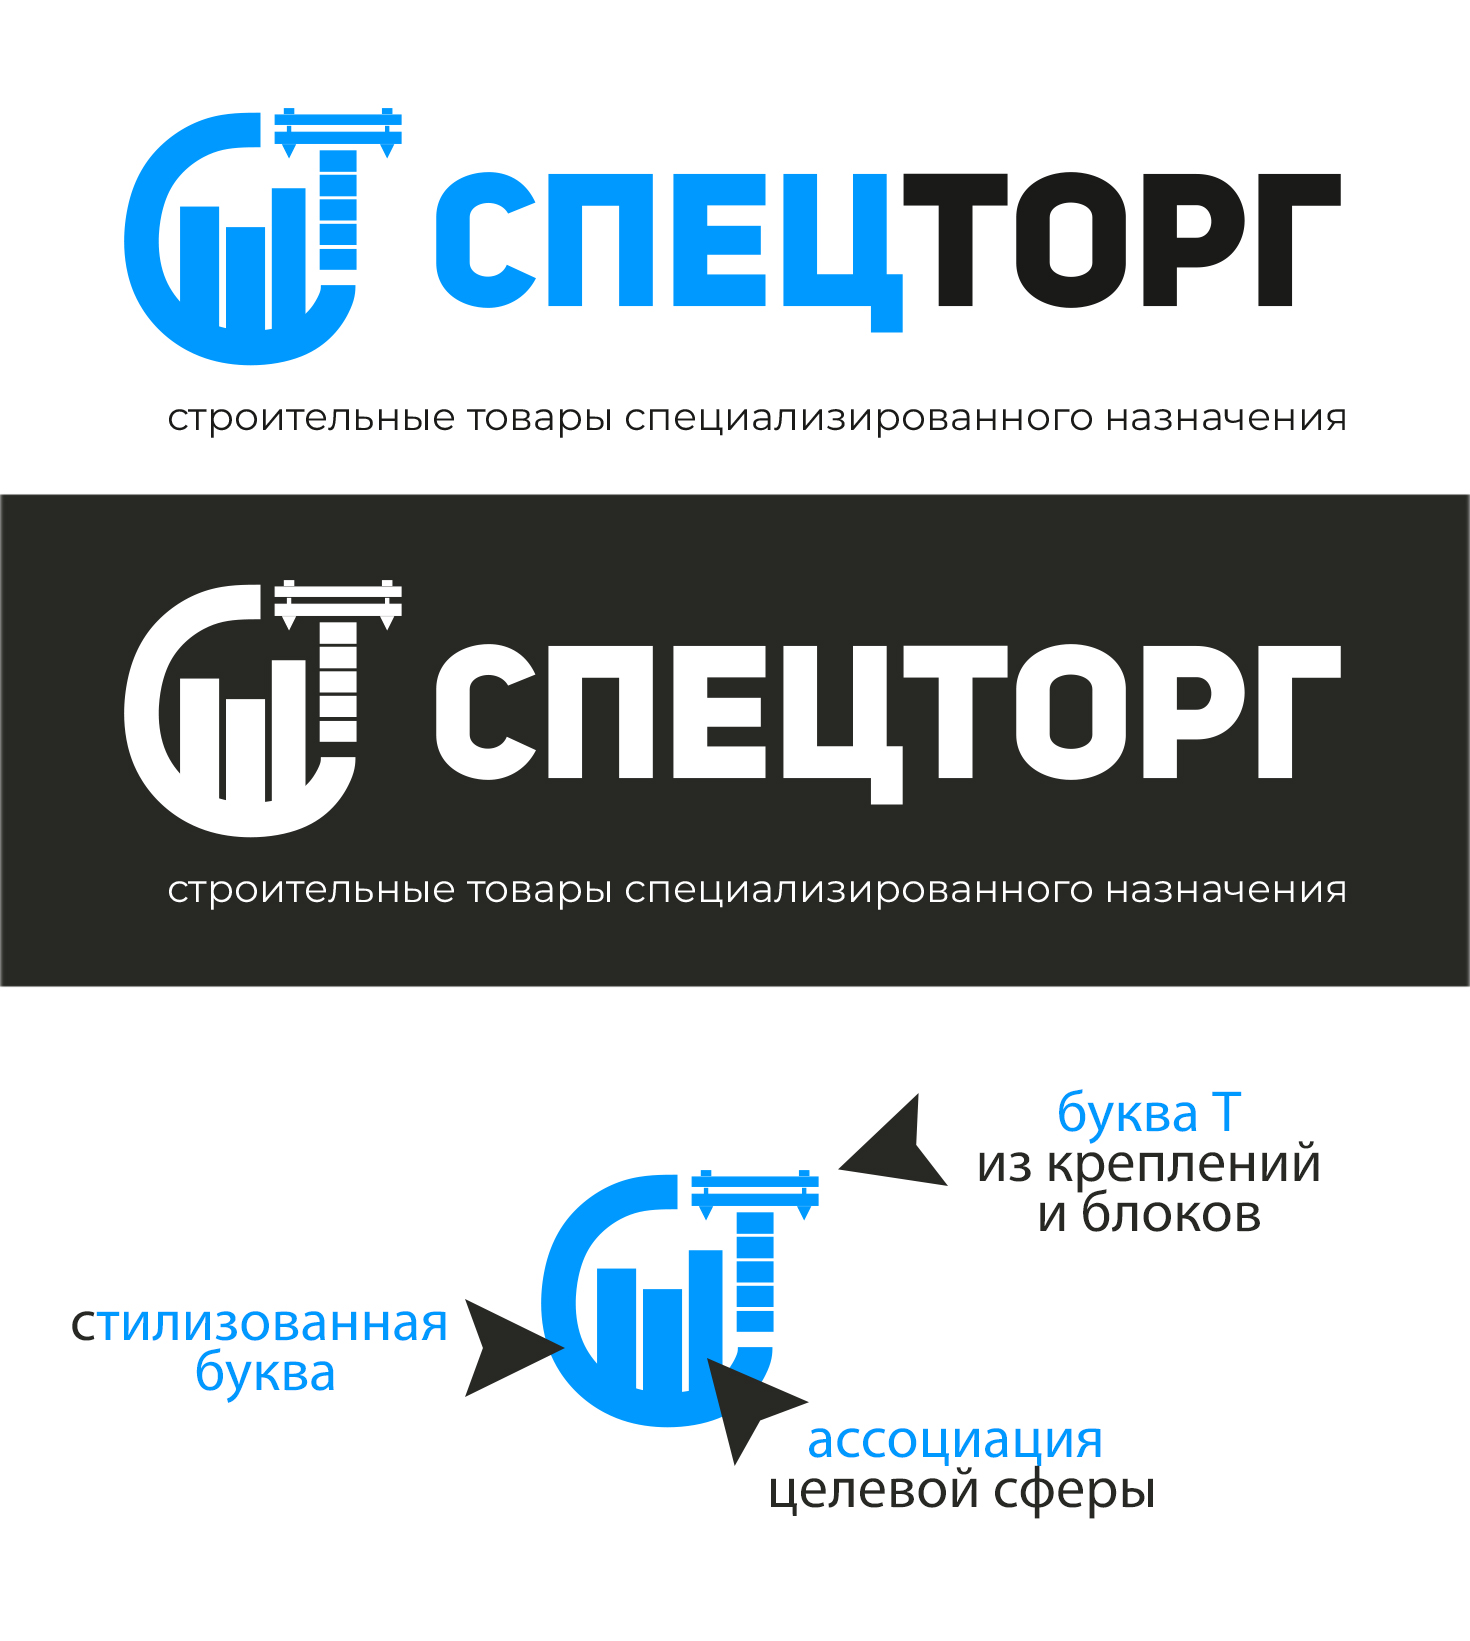 Разработать дизайн  логотипа компании фото f_2305dcf26e7b989e.jpg